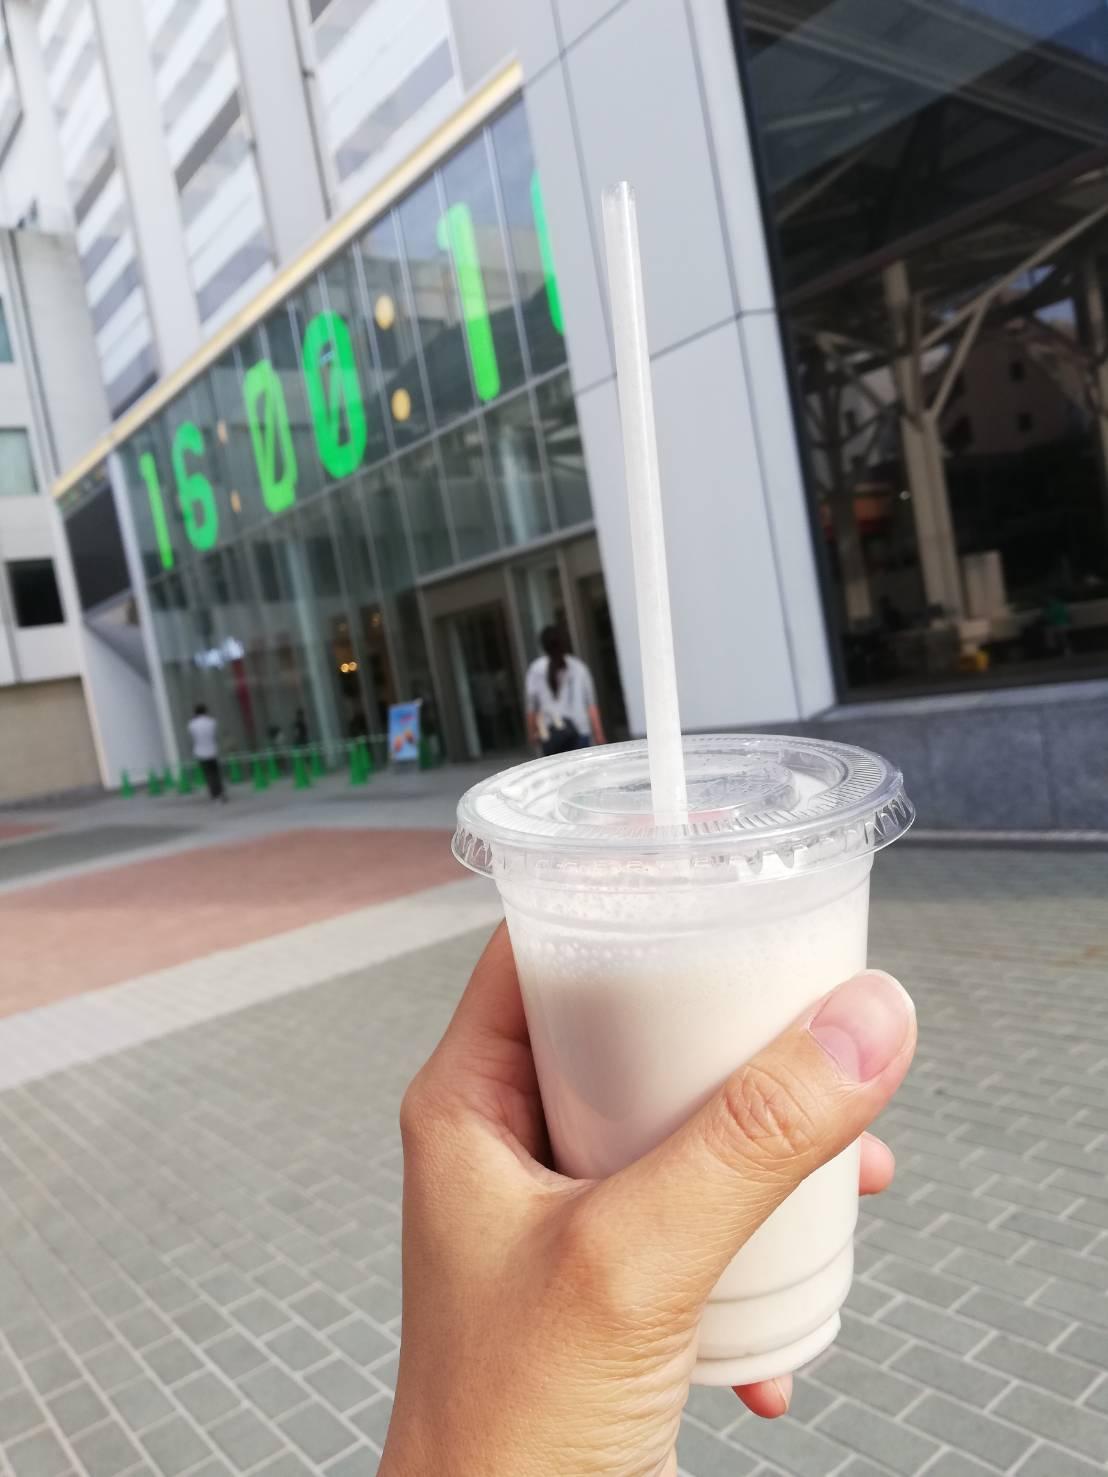 ロピア松戸店ジューススタンド